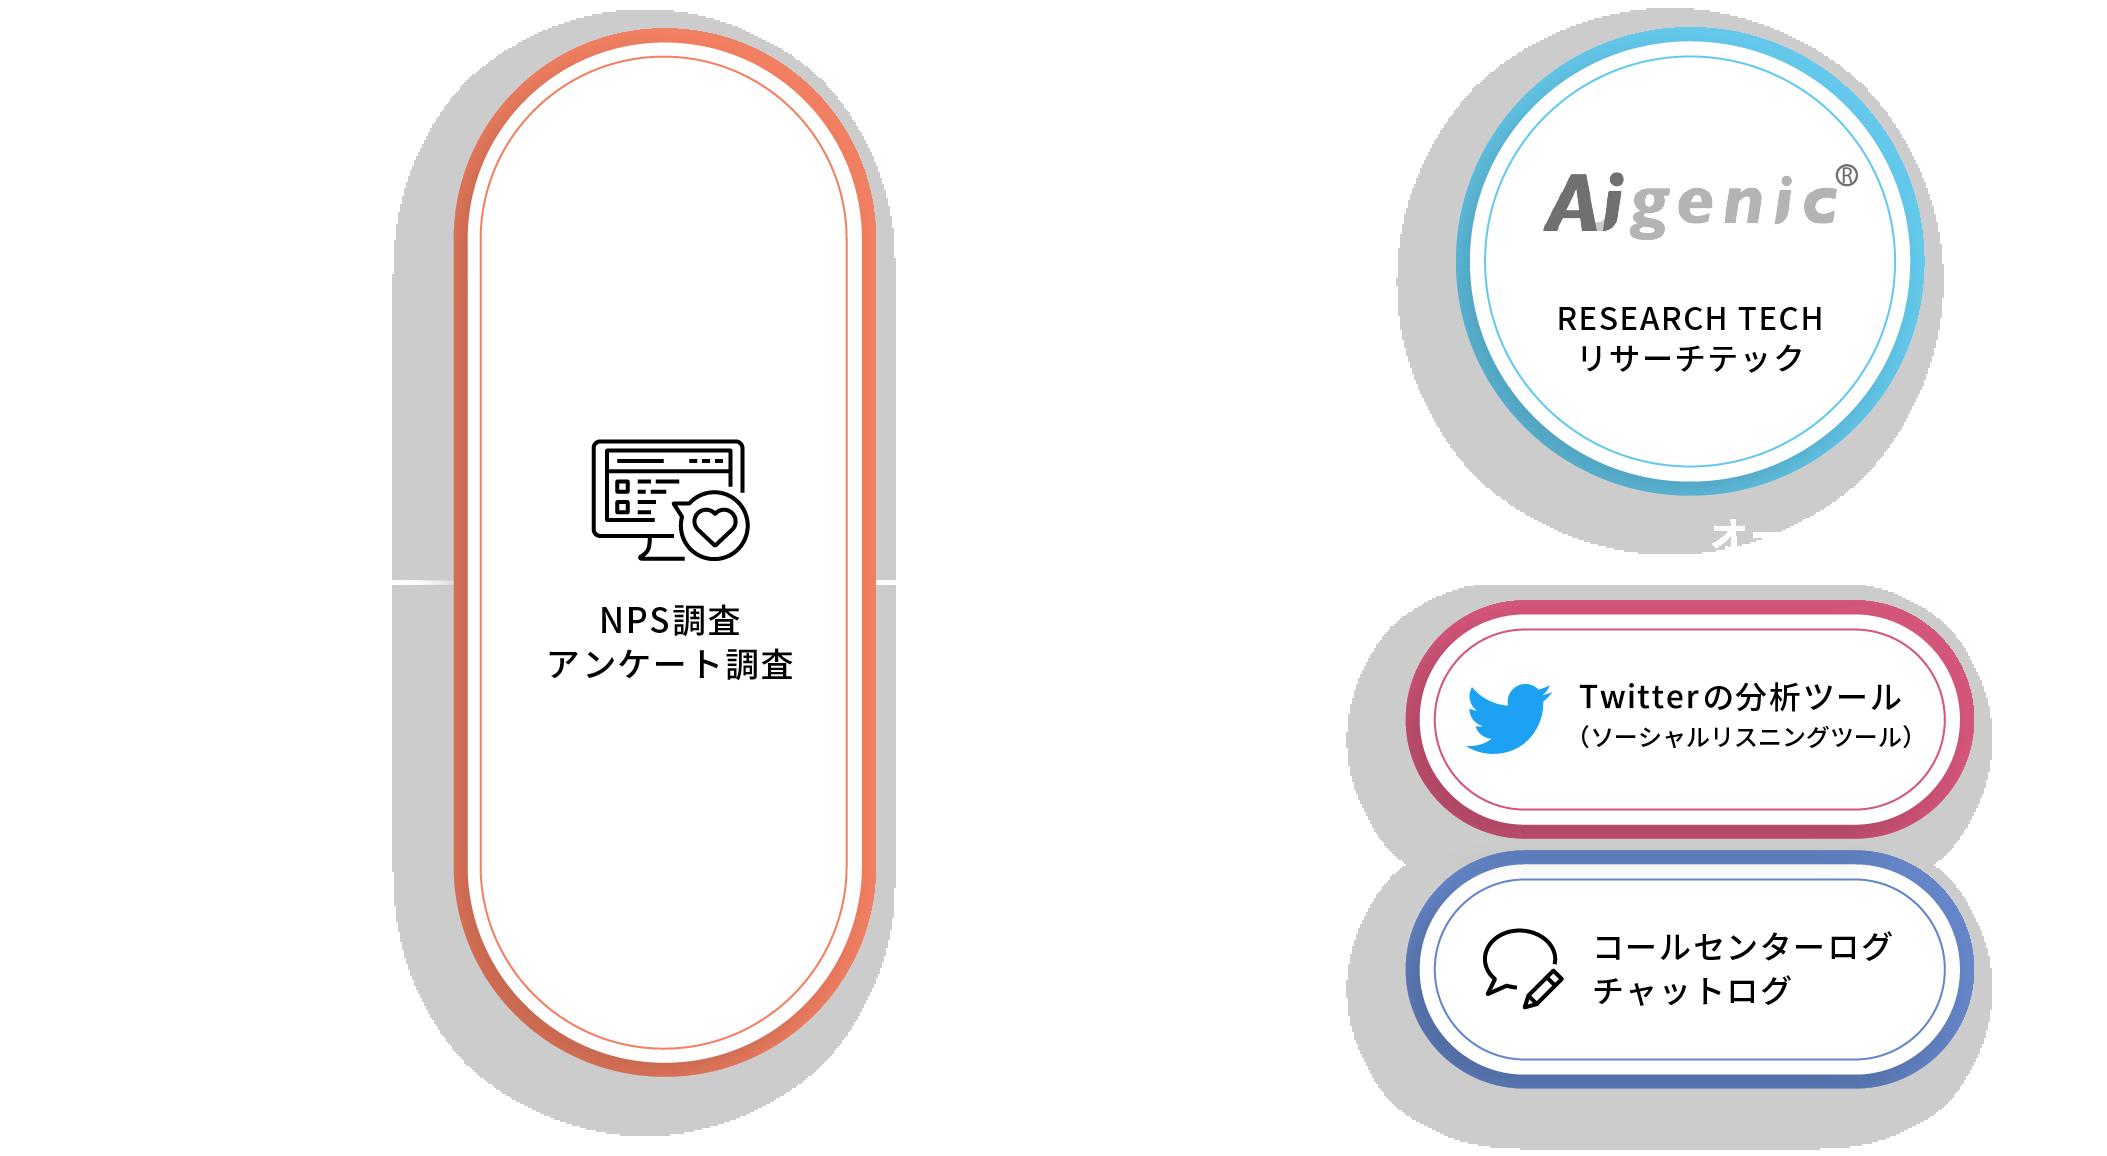 設定したワードからAIがポジティブ情報を抽出/商品やお店やWeb等の開発・訴求に活用